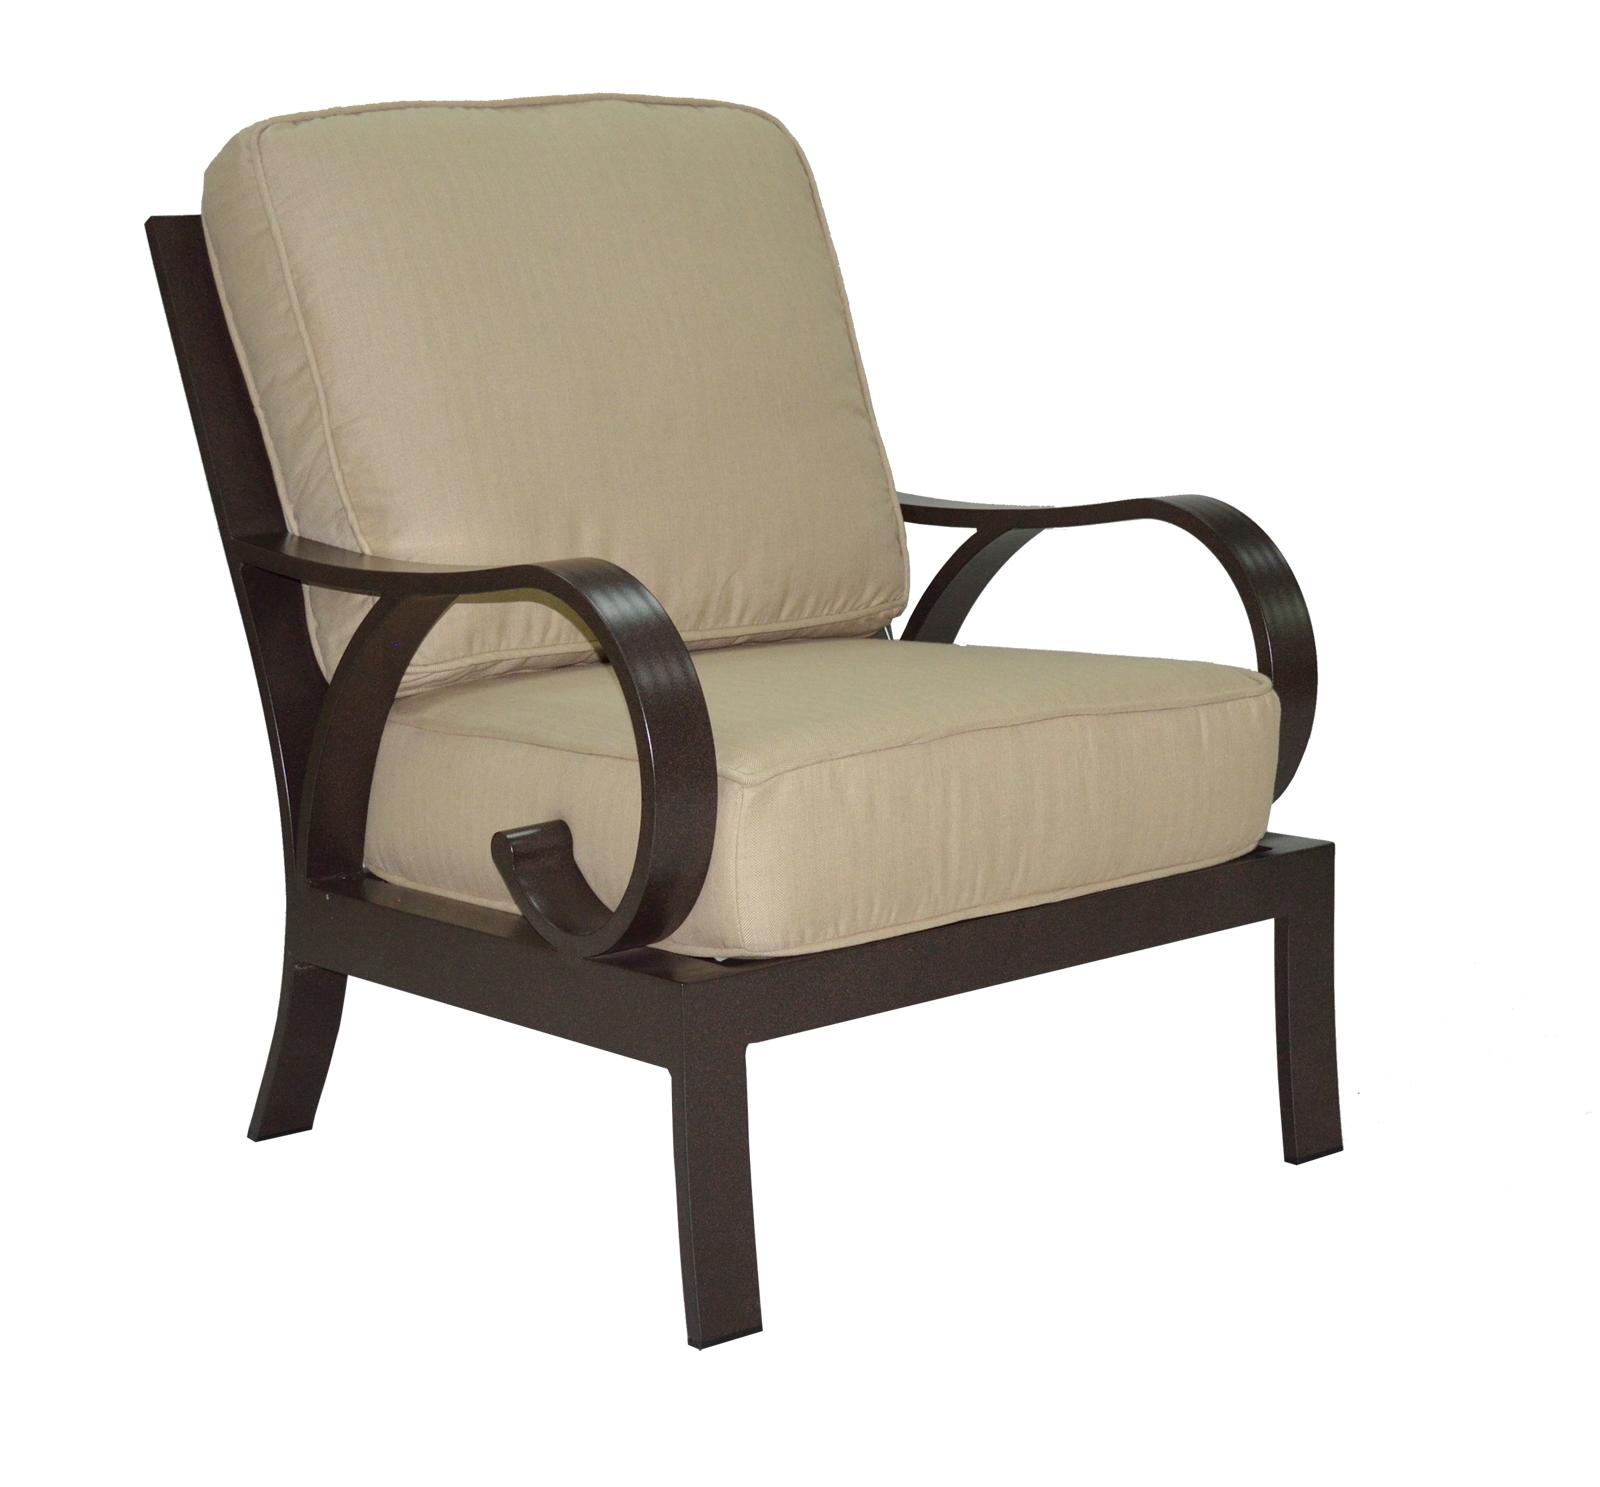 601531 Key Largo Lounge Chair   30 x 34 x 35